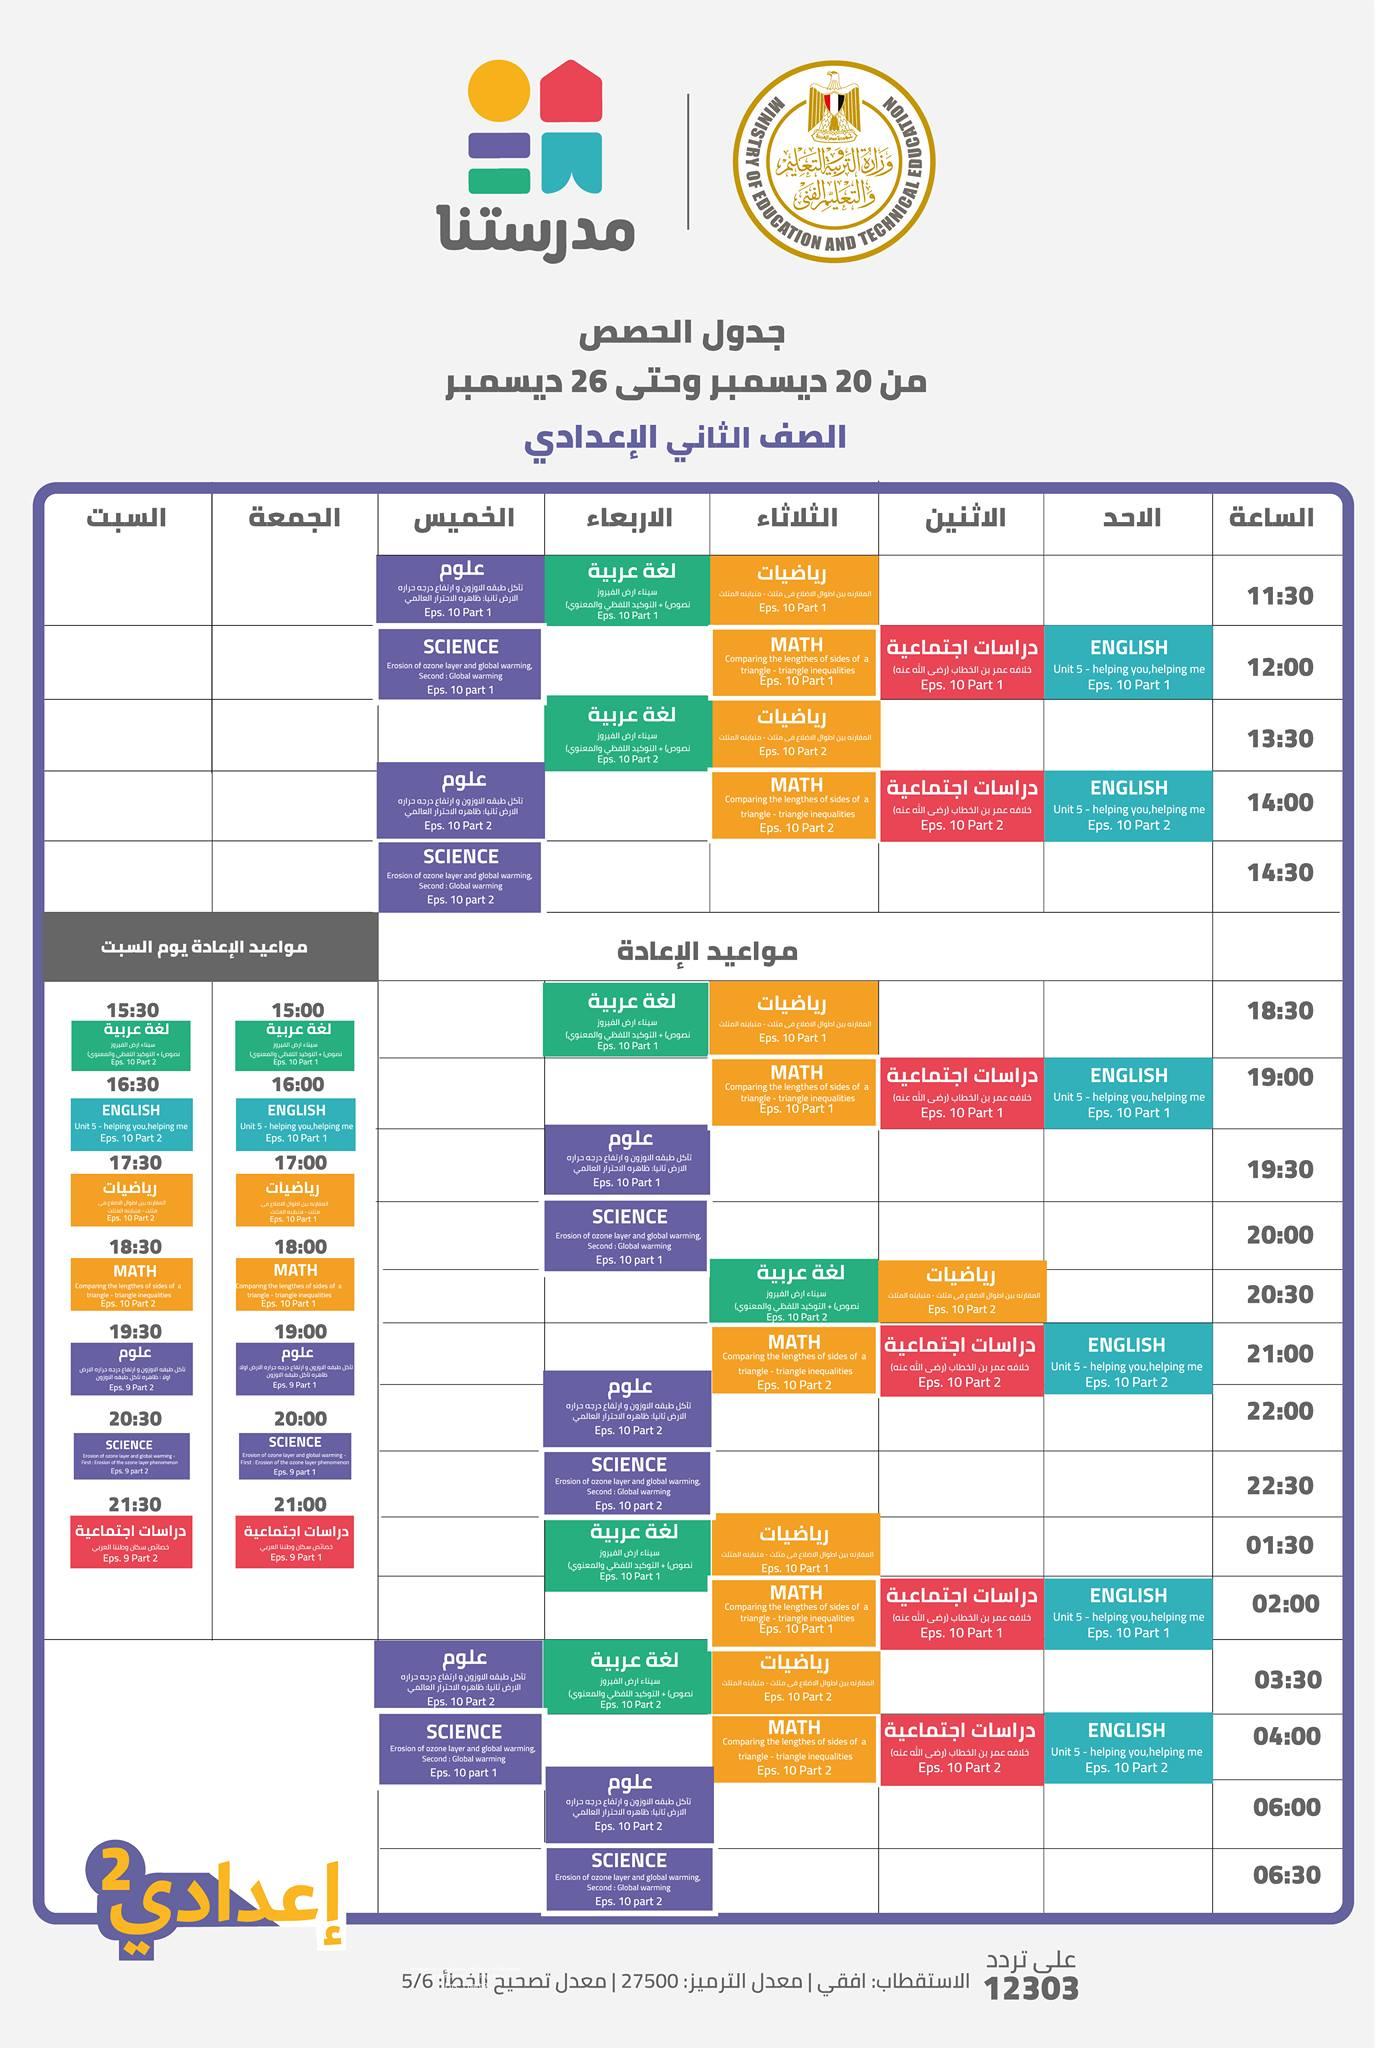 جدول مواعيد البرامج التعليمية للصف الثاني الإعدادي علي قناة مدرستنا